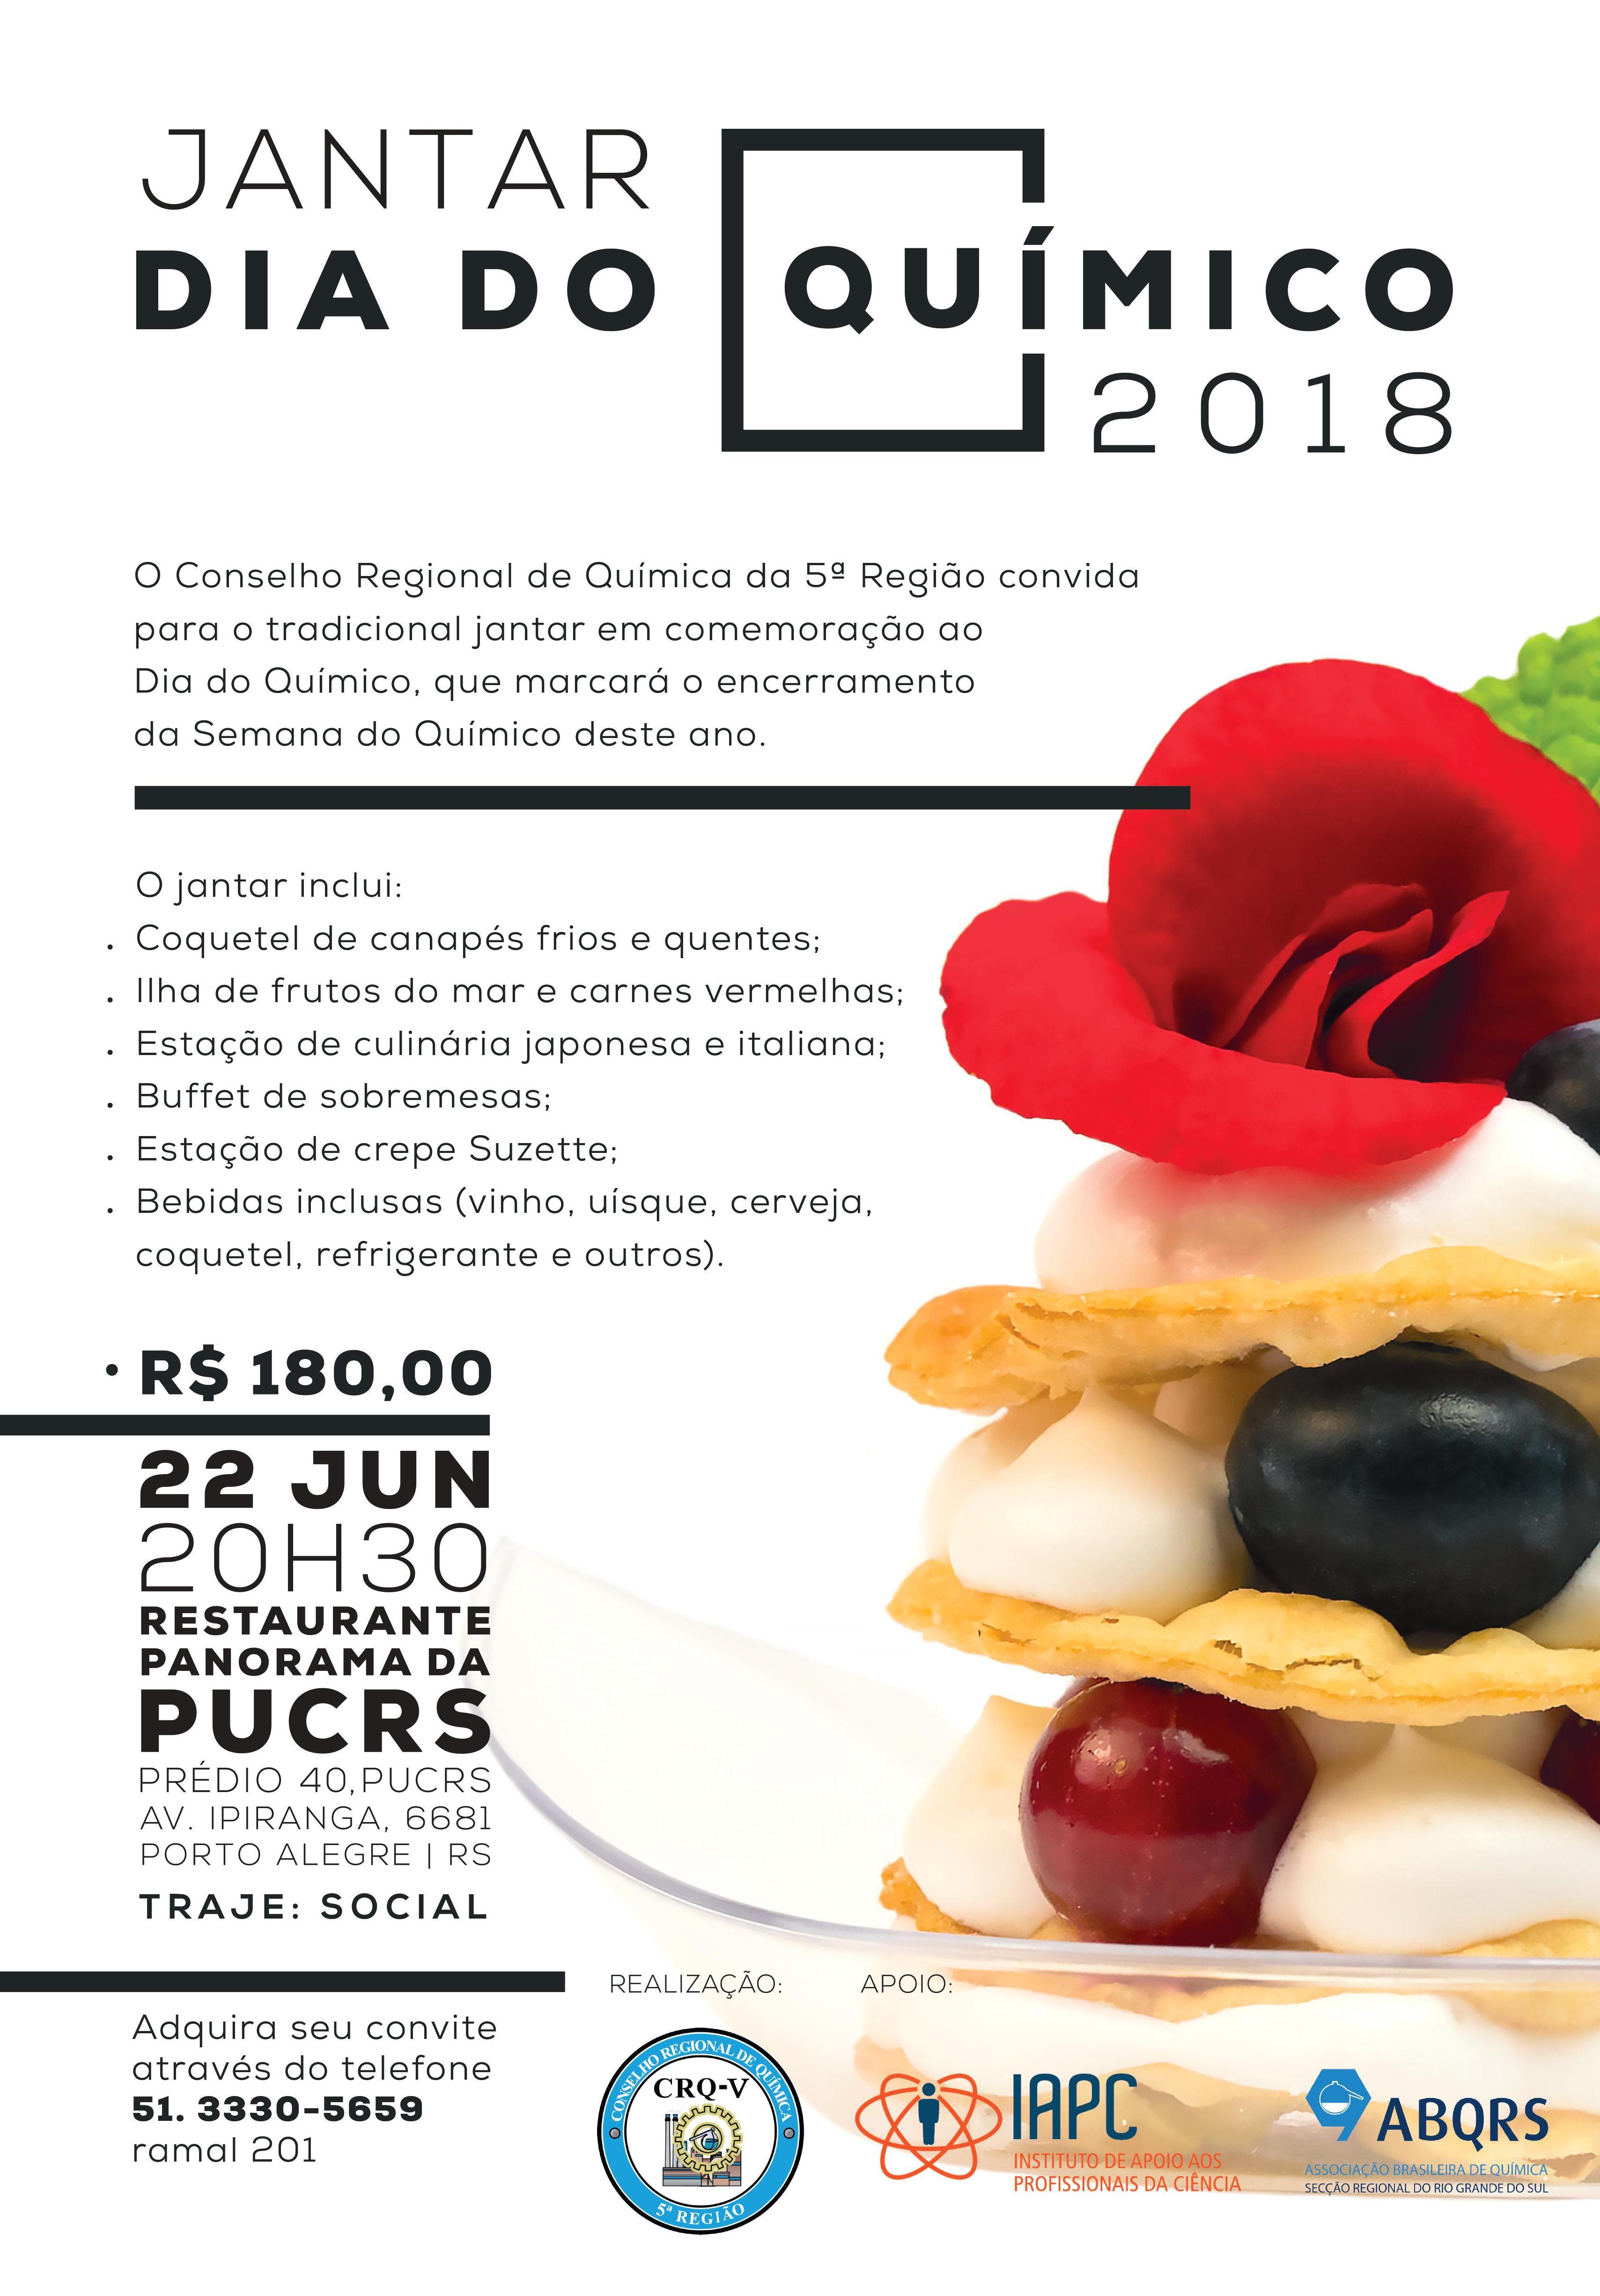 Jantar - Dia do Químico 2018